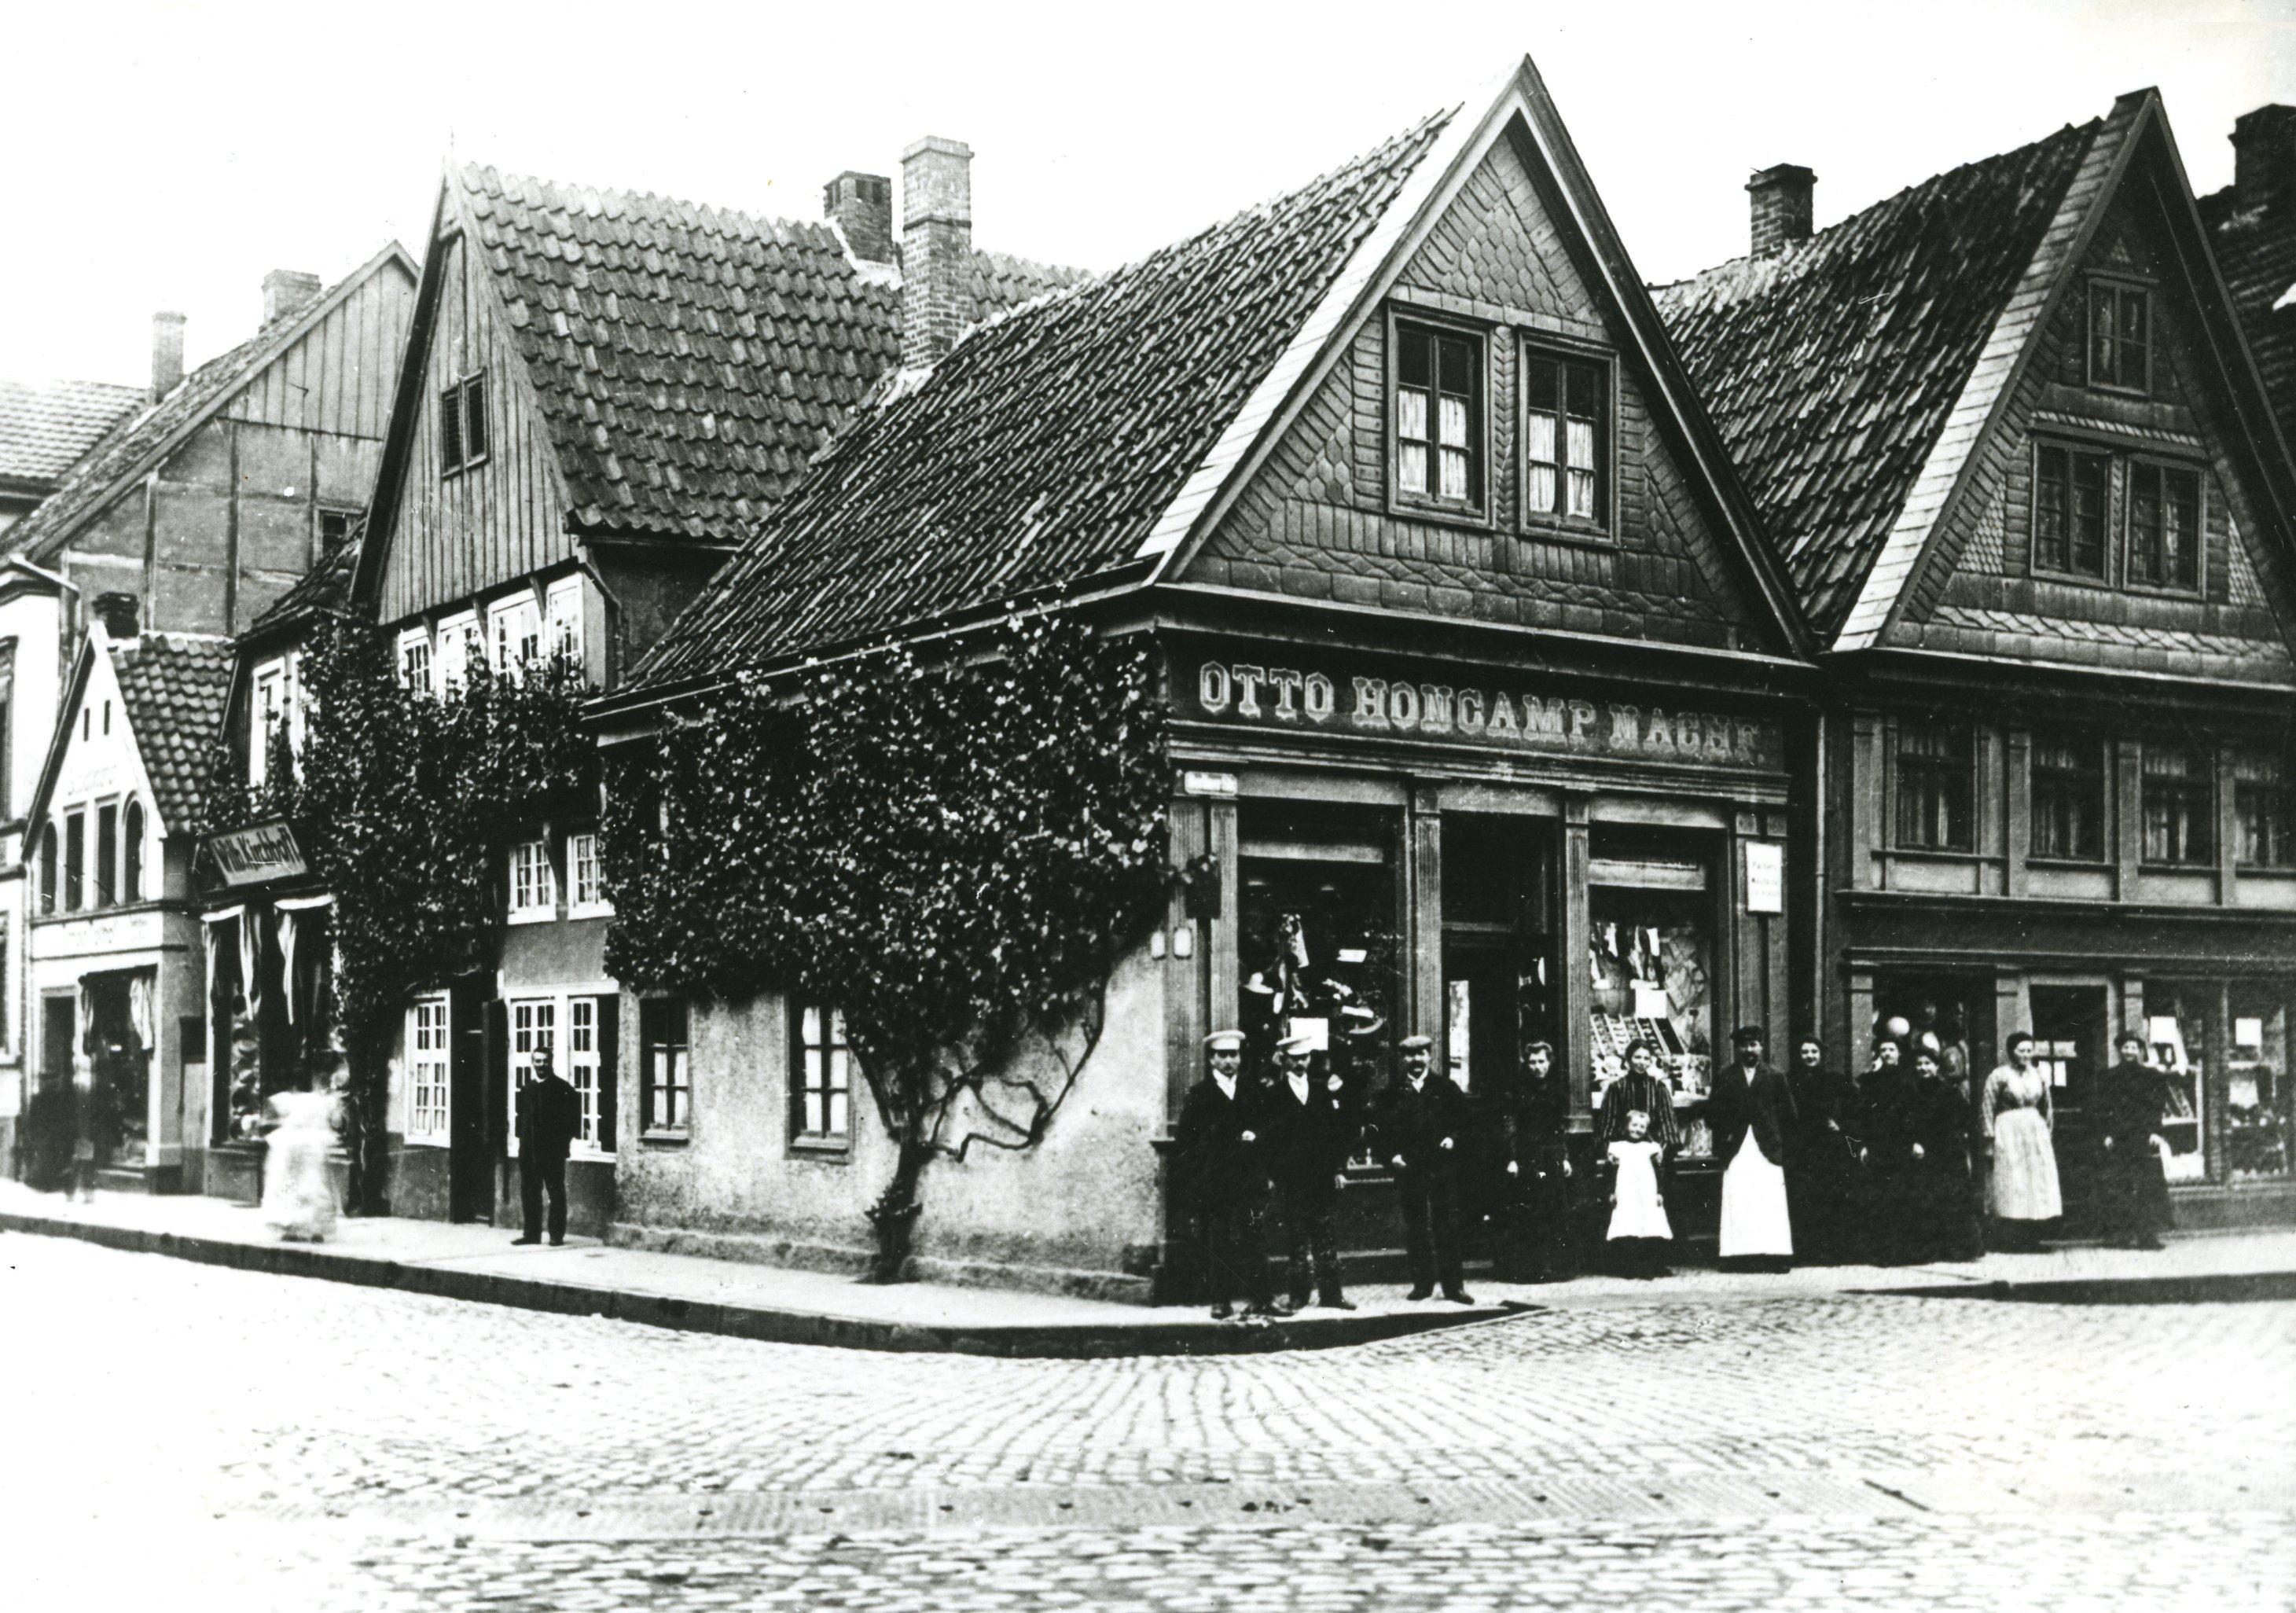 1900 g tersloh ecke berliner stra e kreuzung blessenst tte haus nr 170 familie otto. Black Bedroom Furniture Sets. Home Design Ideas